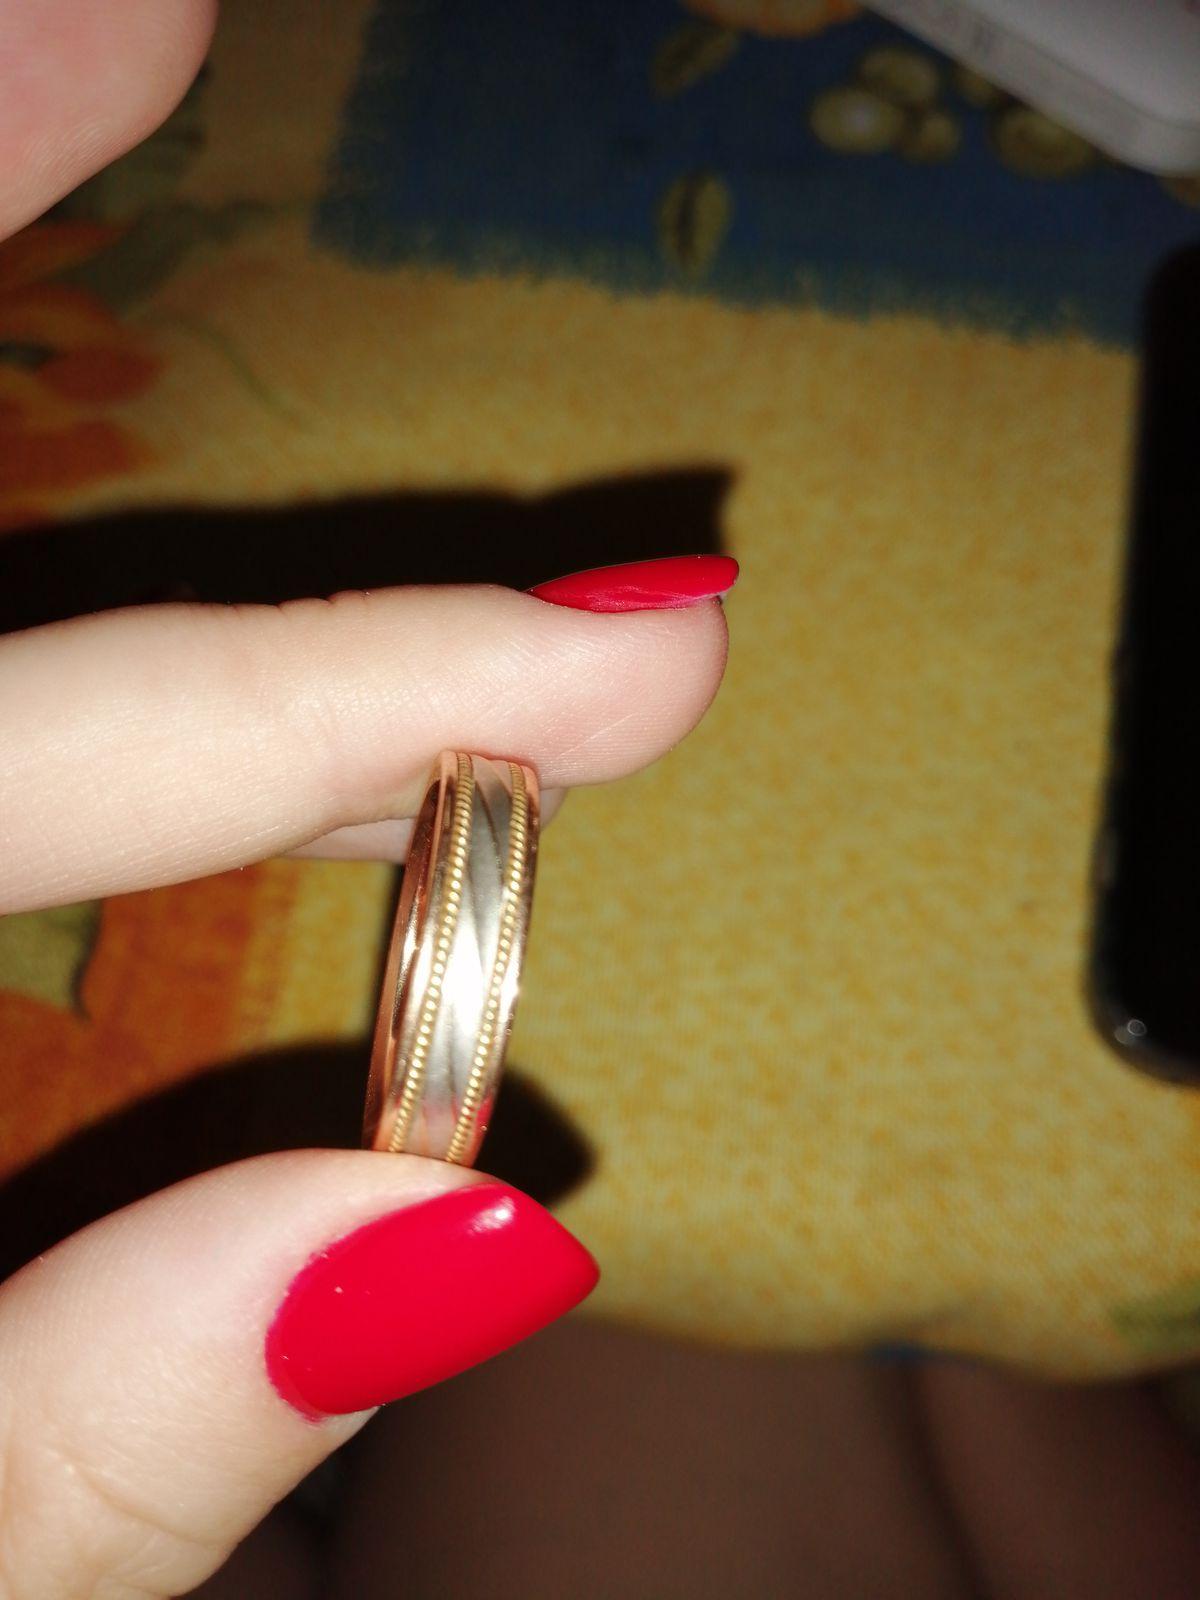 Кольцо для будущего мужа